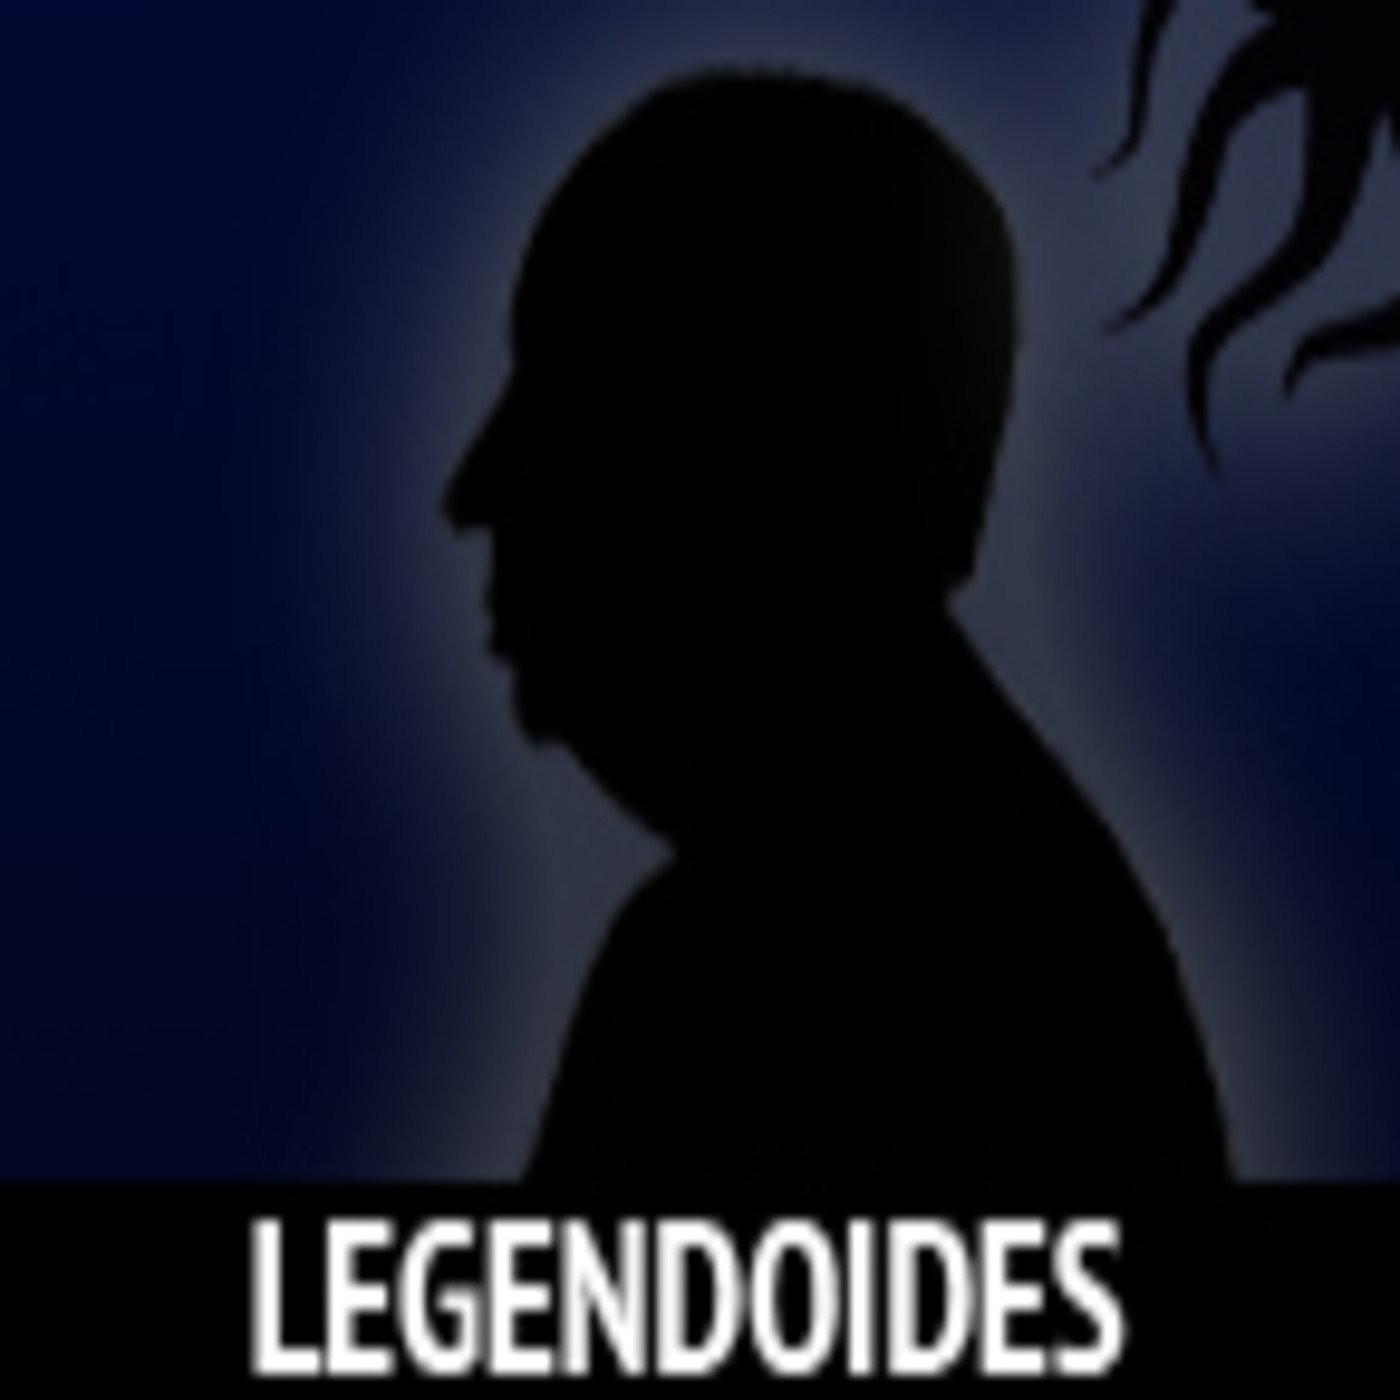 legendoides: rol online